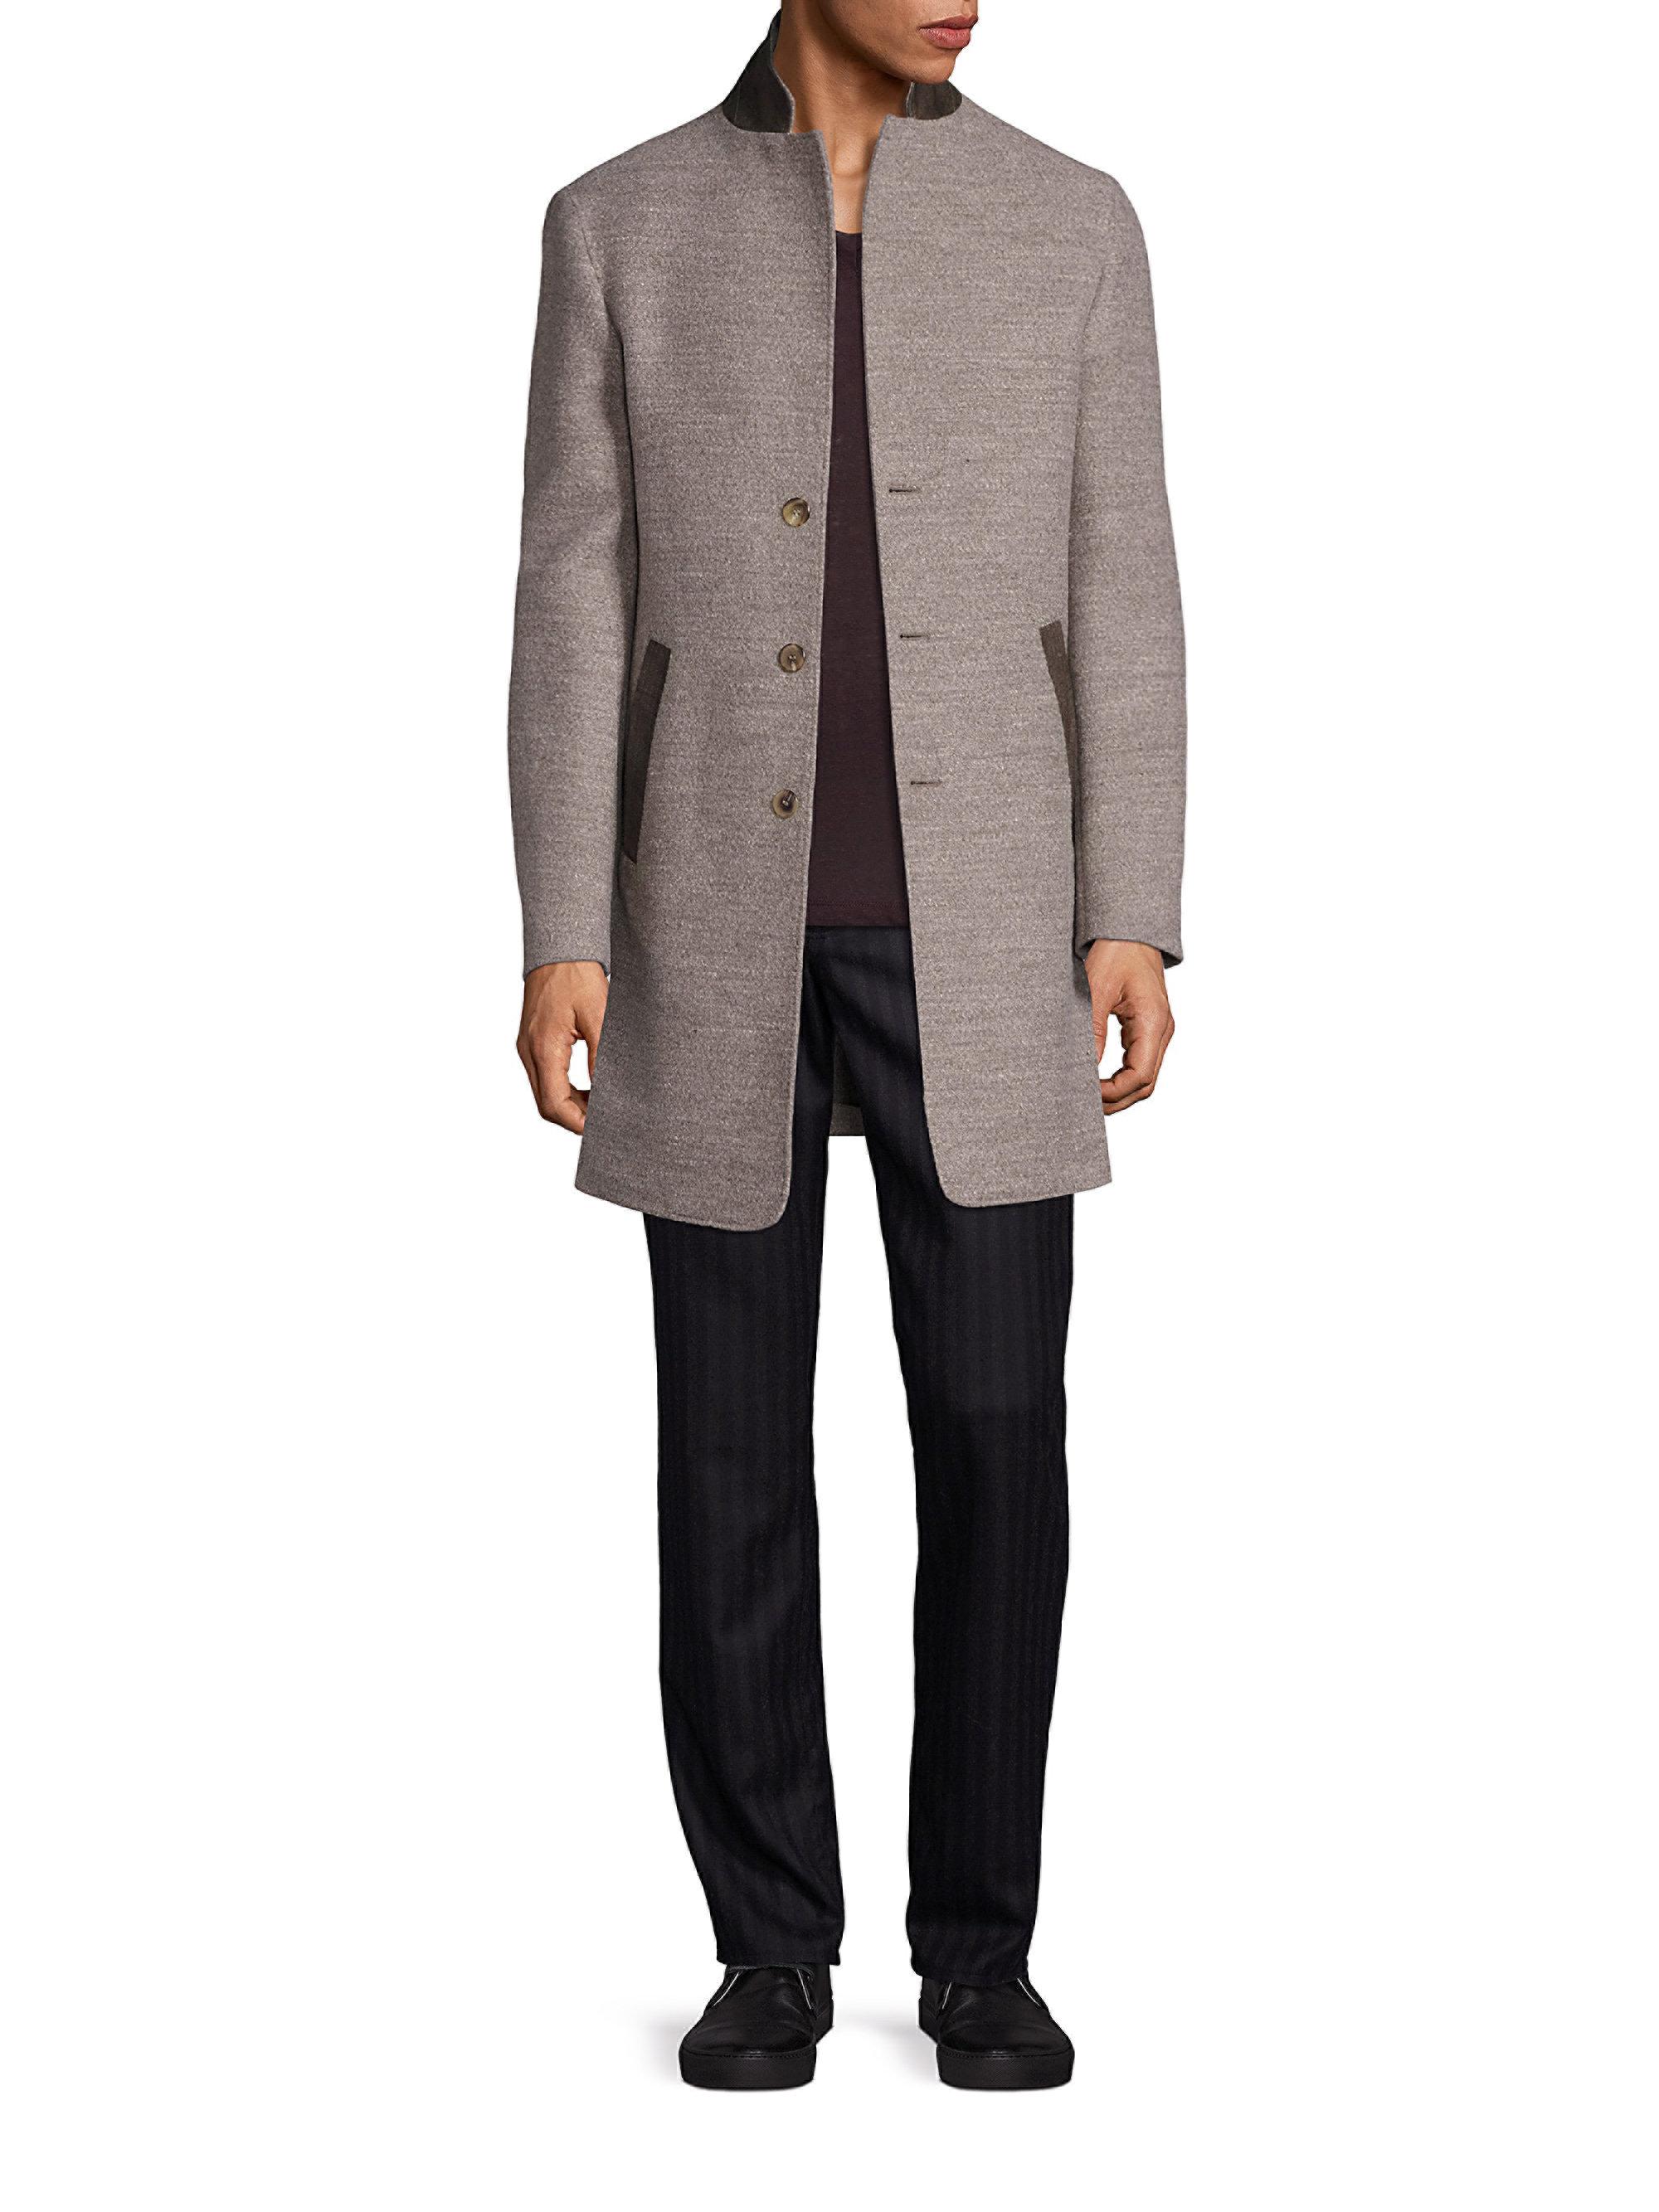 Austin melton jacket david jones